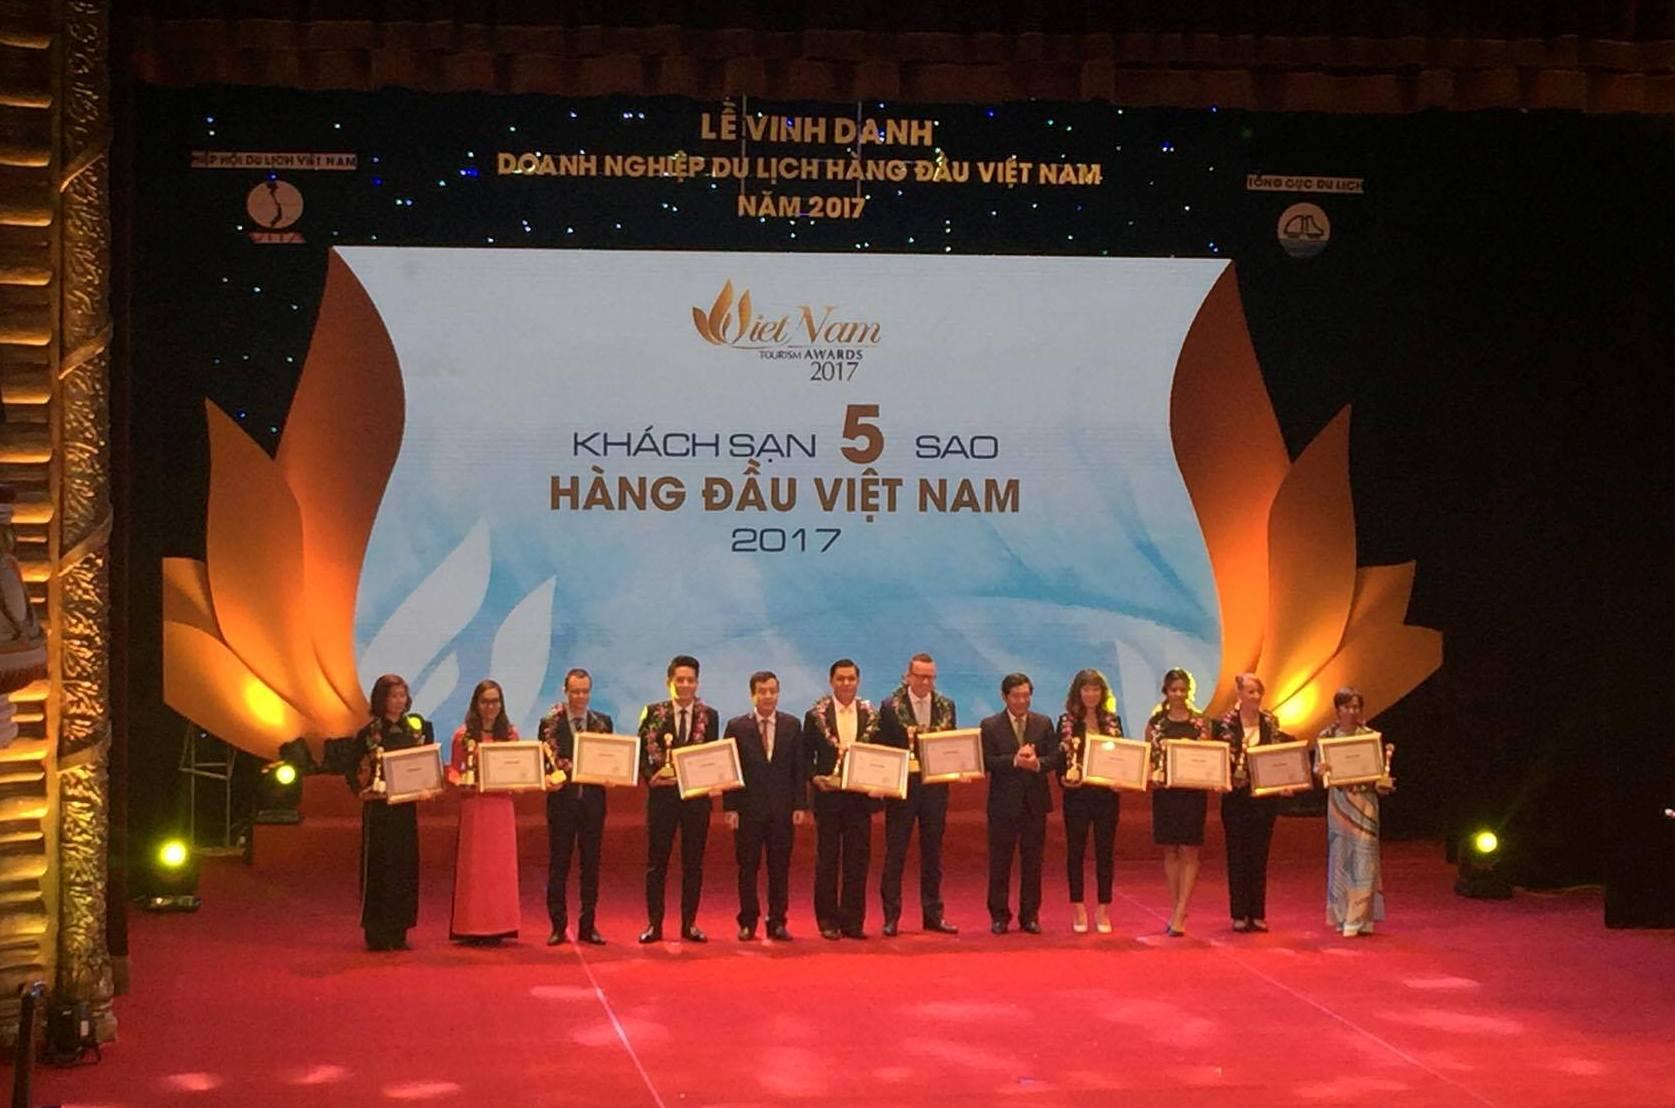 Vinh danh 91 doanh nghiệp du lịch hàng đầu Việt Nam năm 2017